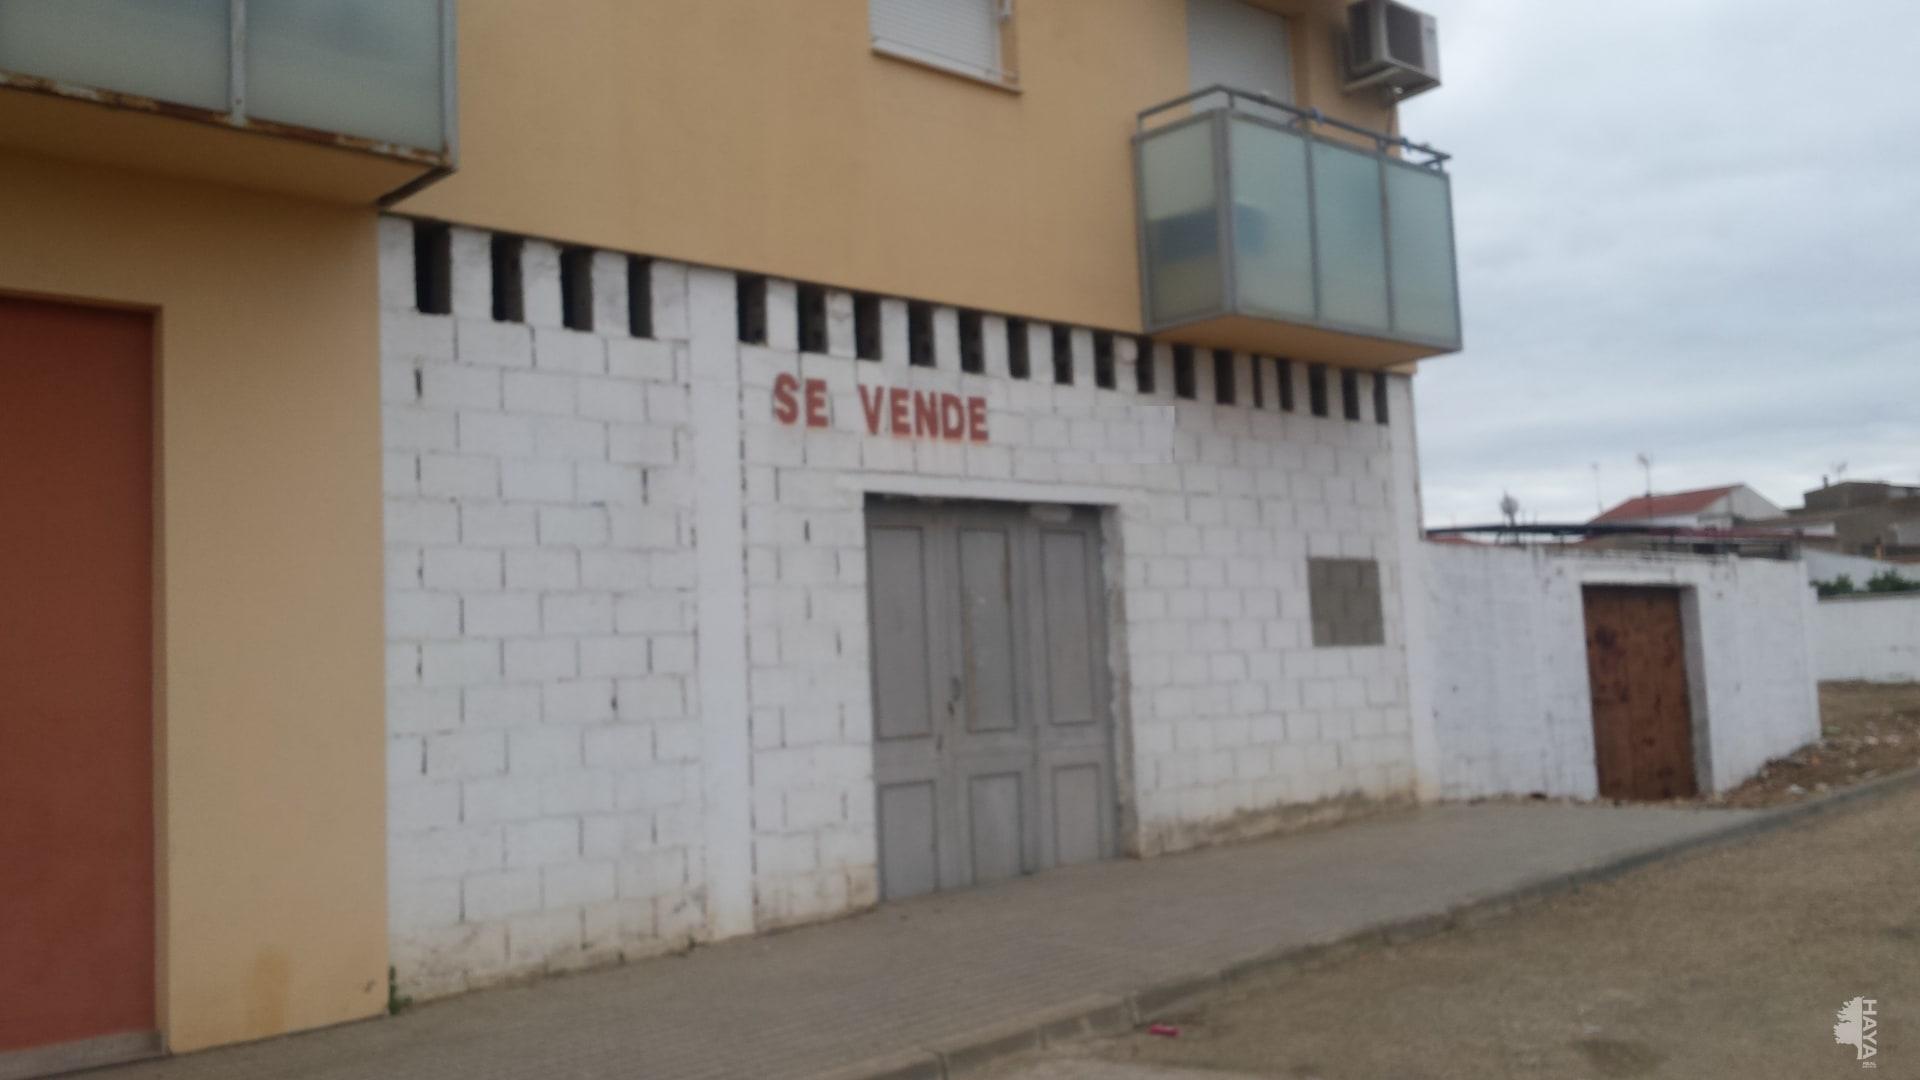 Local en venta en Villanueva de la Serena, Badajoz, Calle Hispanidad, 110.500 €, 237 m2